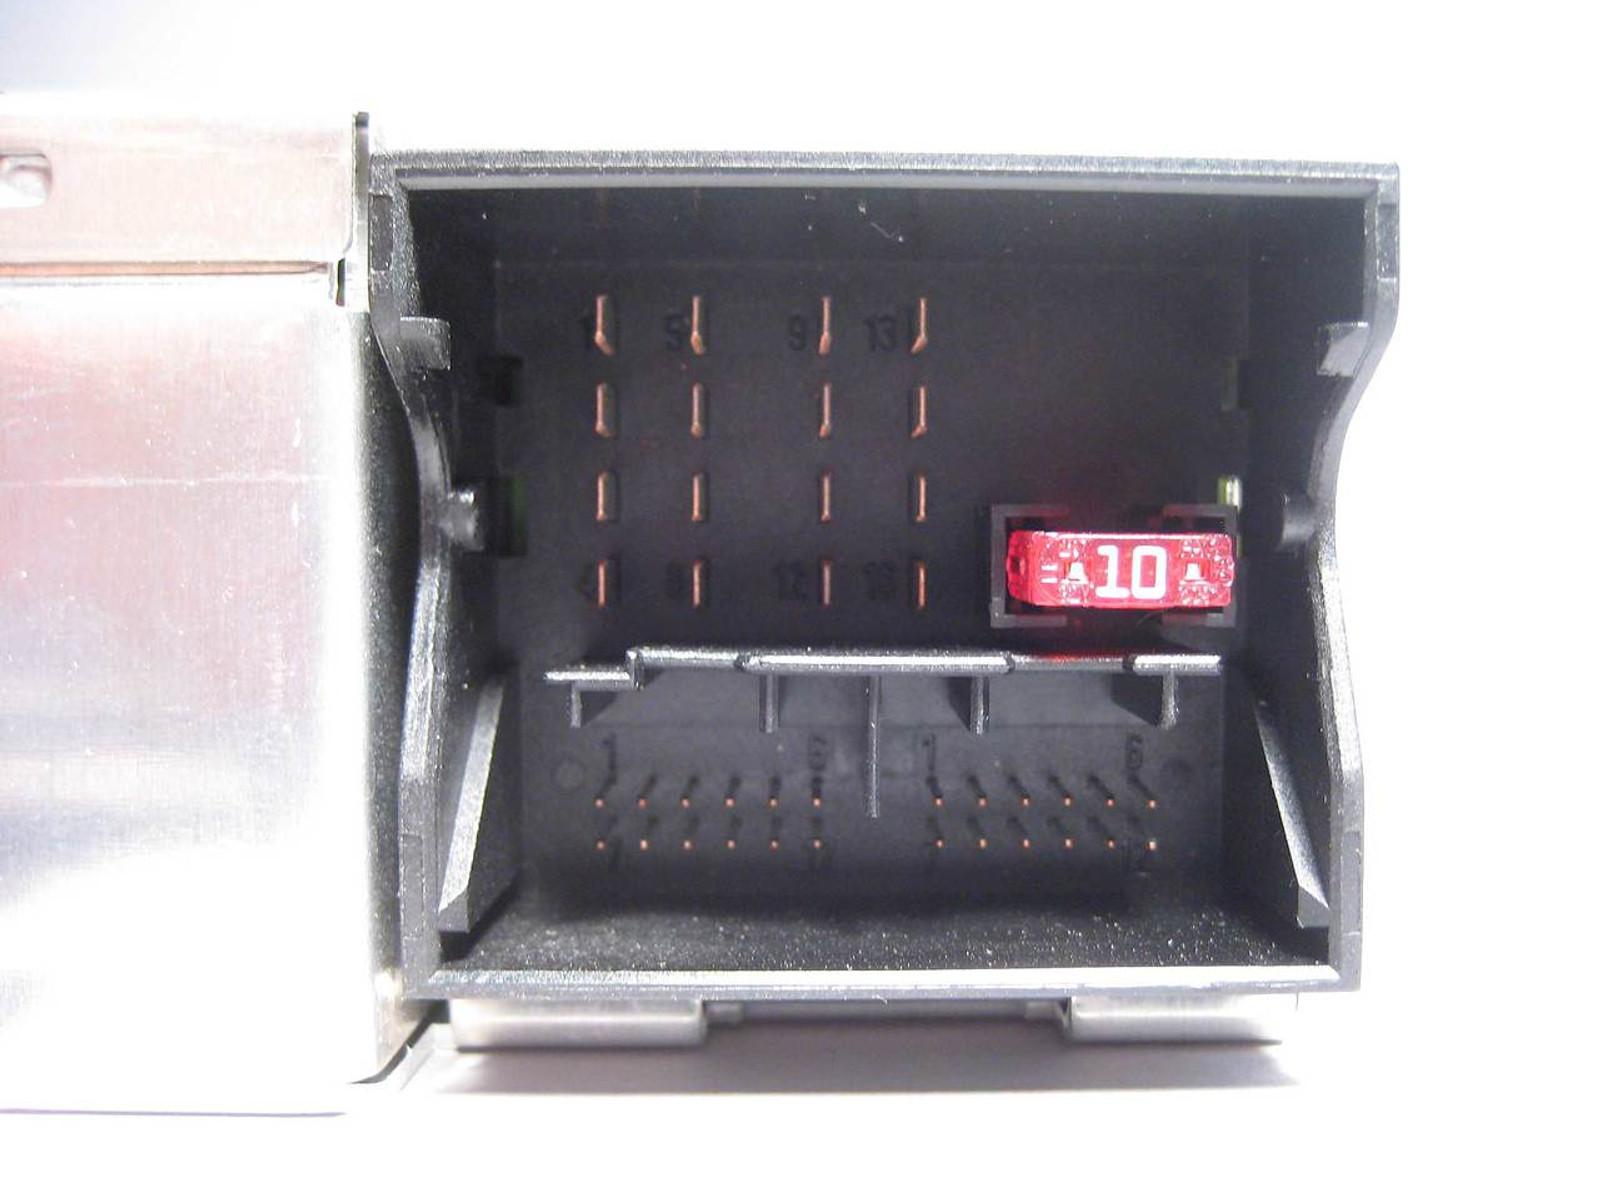 BMW Business Navigation Radio Receiver Becker BM53 2002-2006 E46 E39 X5 OEM  USED